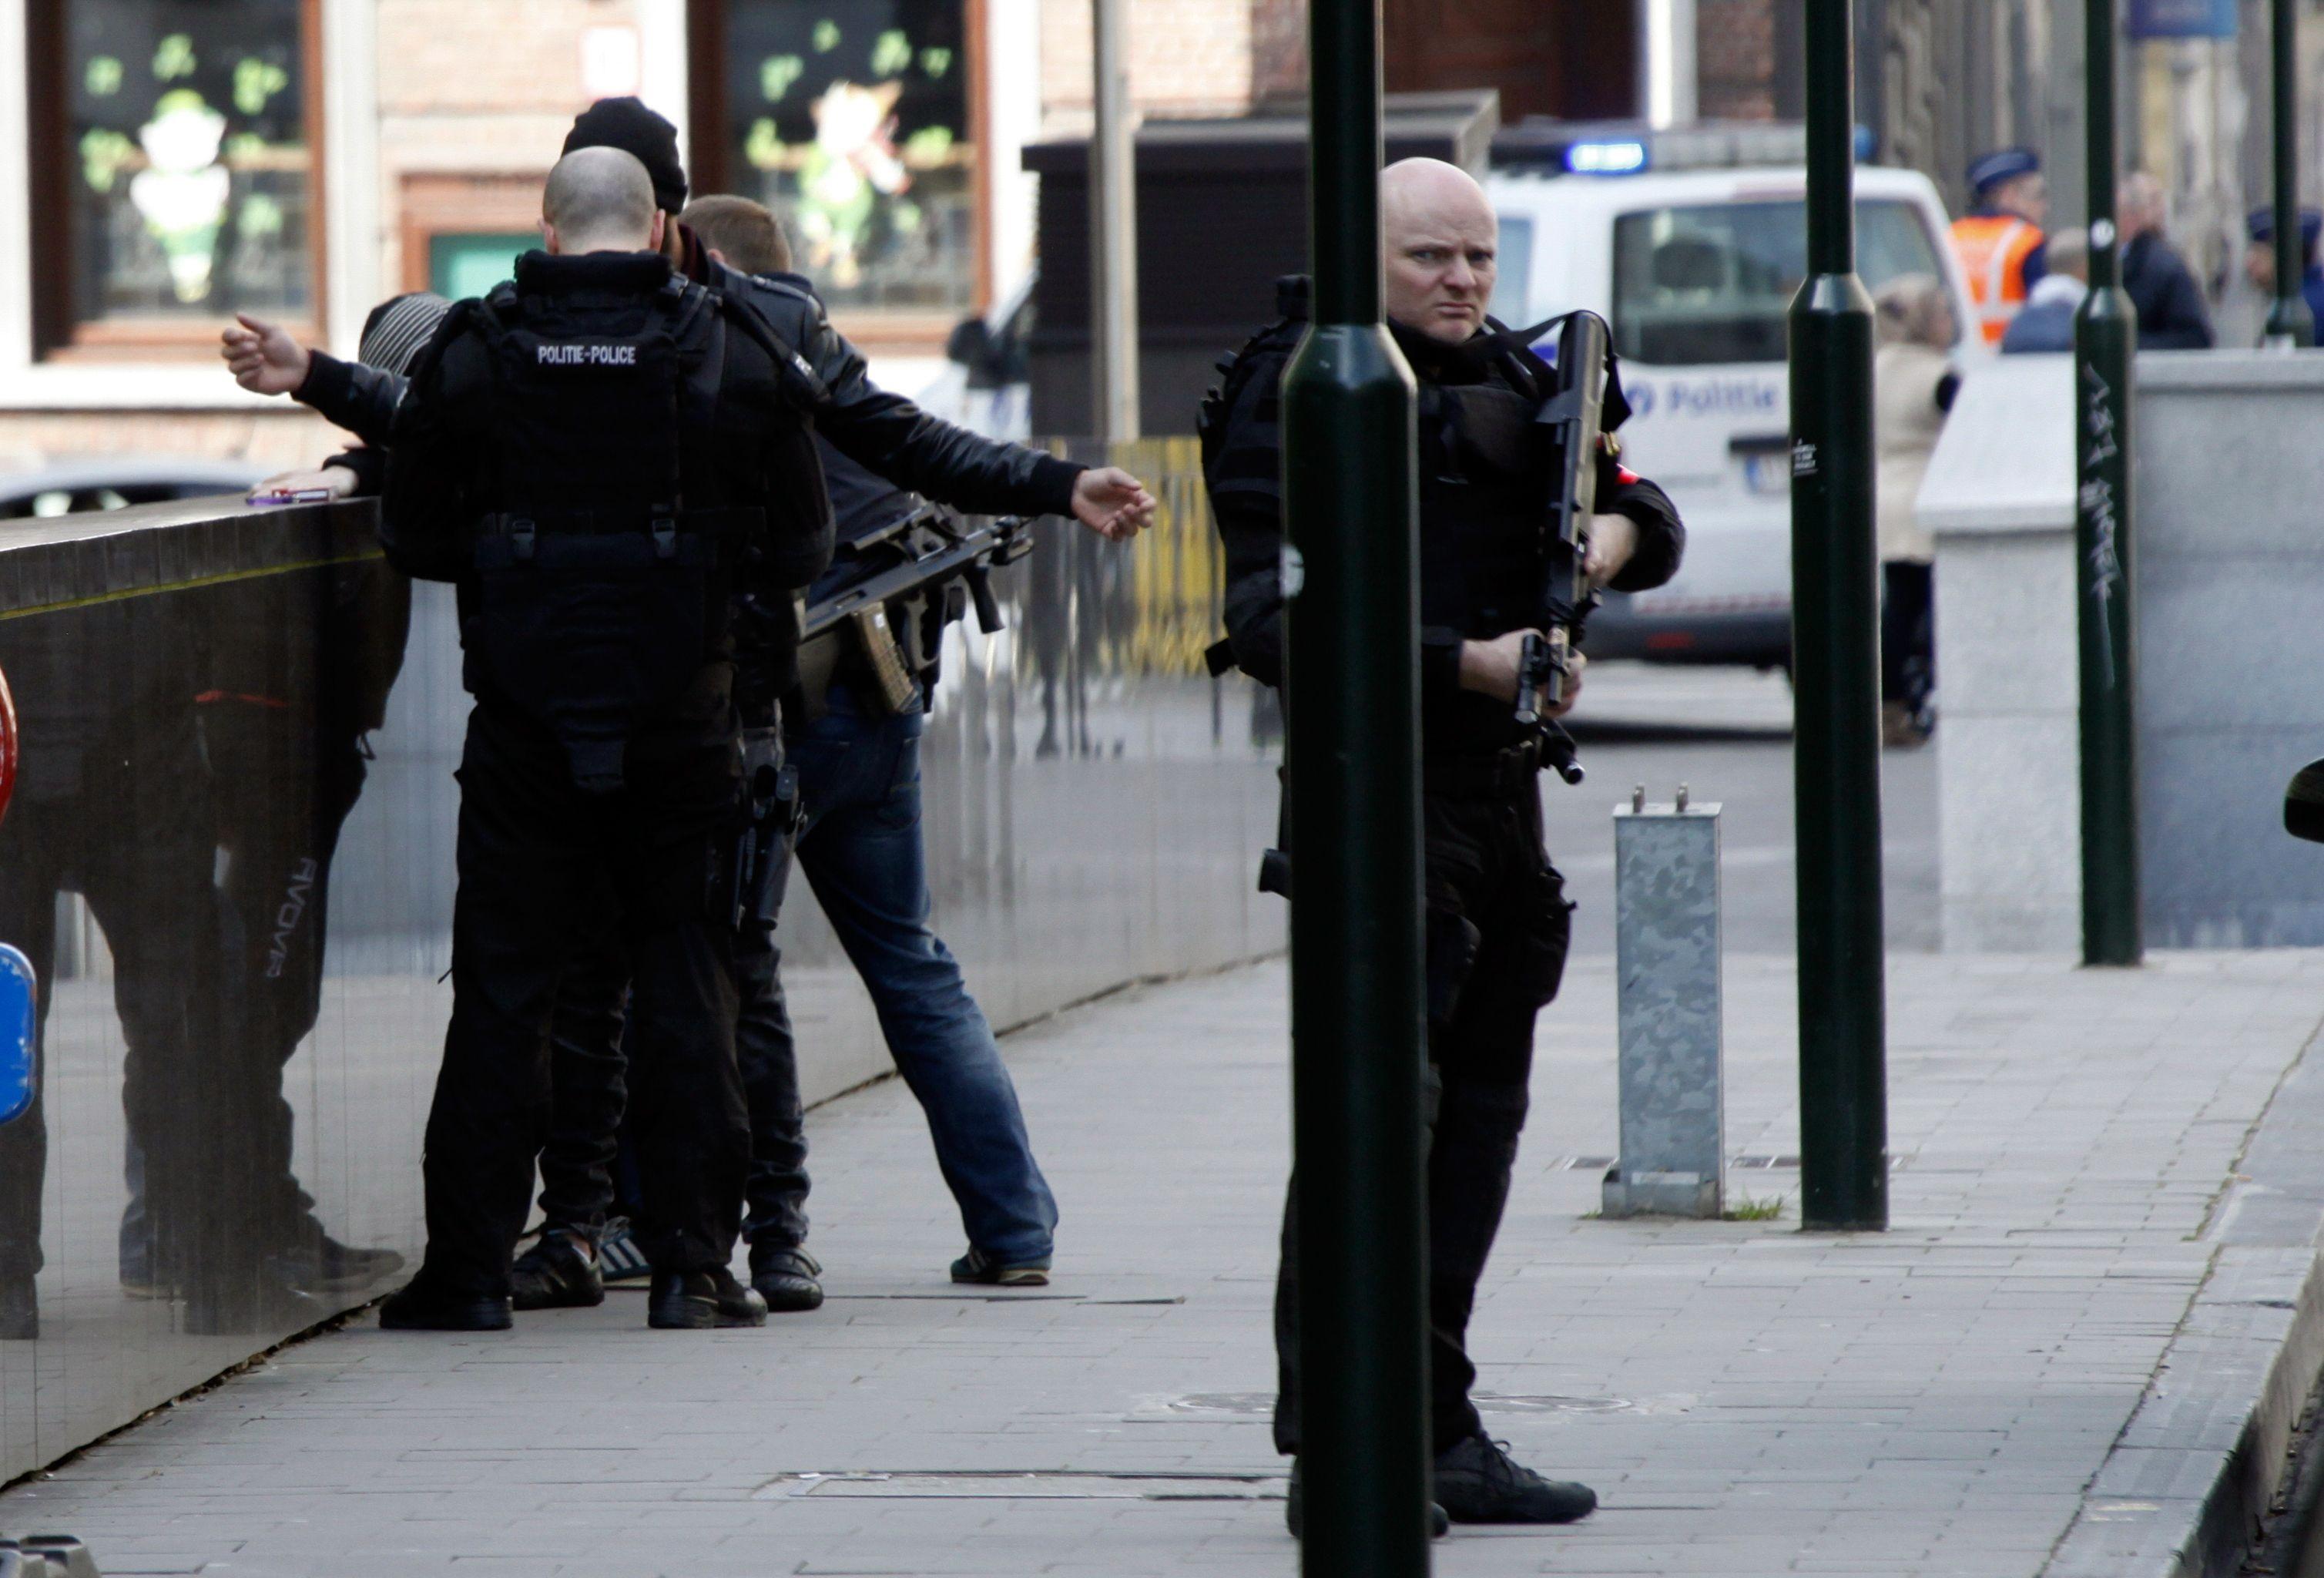 Un argentino en estado de shock quedó retenido en Bruselas tras los atentados